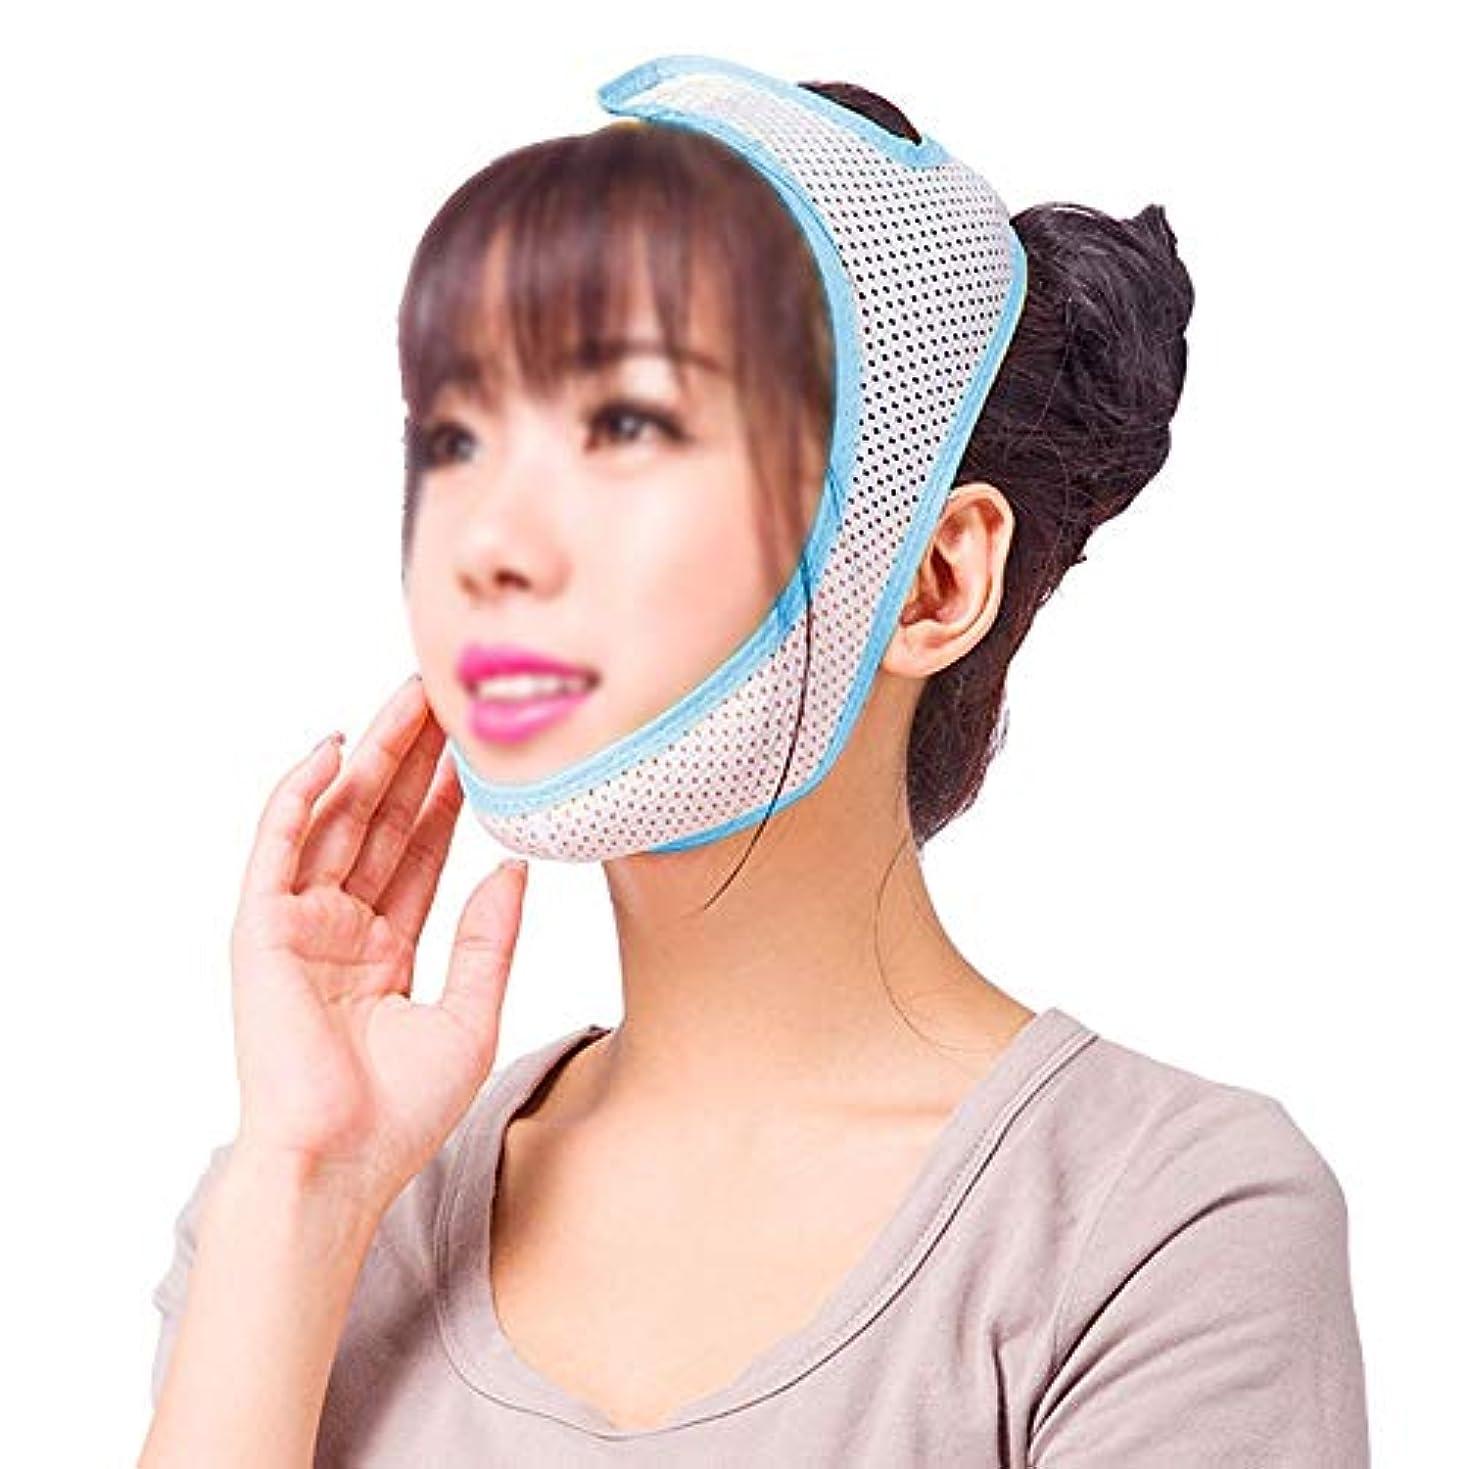 飢むちゃくちゃ増幅GLJJQMY 顔と首リフト薄いフェイスマスク強力なフェイスリフティングデバイスフェイスリフティング包帯アーティファクト薄いフェイスマスクフェイスリフティングツールフェイスリフティングデバイス 顔用整形マスク